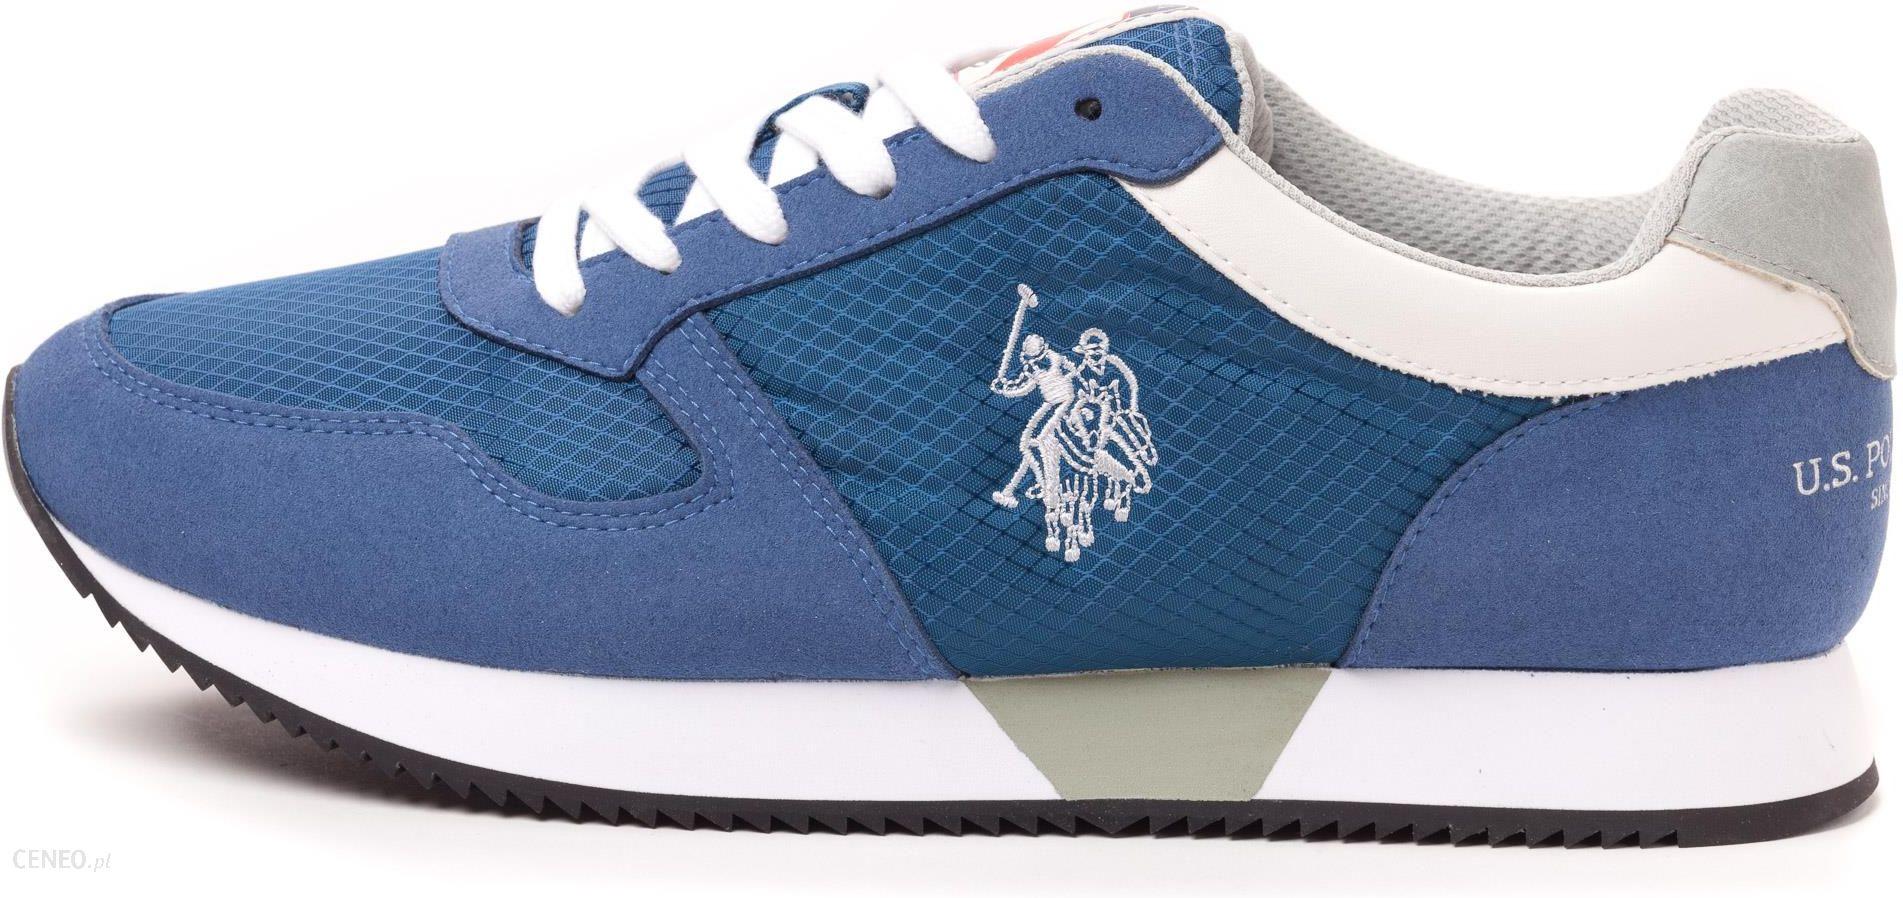 U.S. POLO ASSN. tenisówki męskie Rex 44 niebieski Ceny i